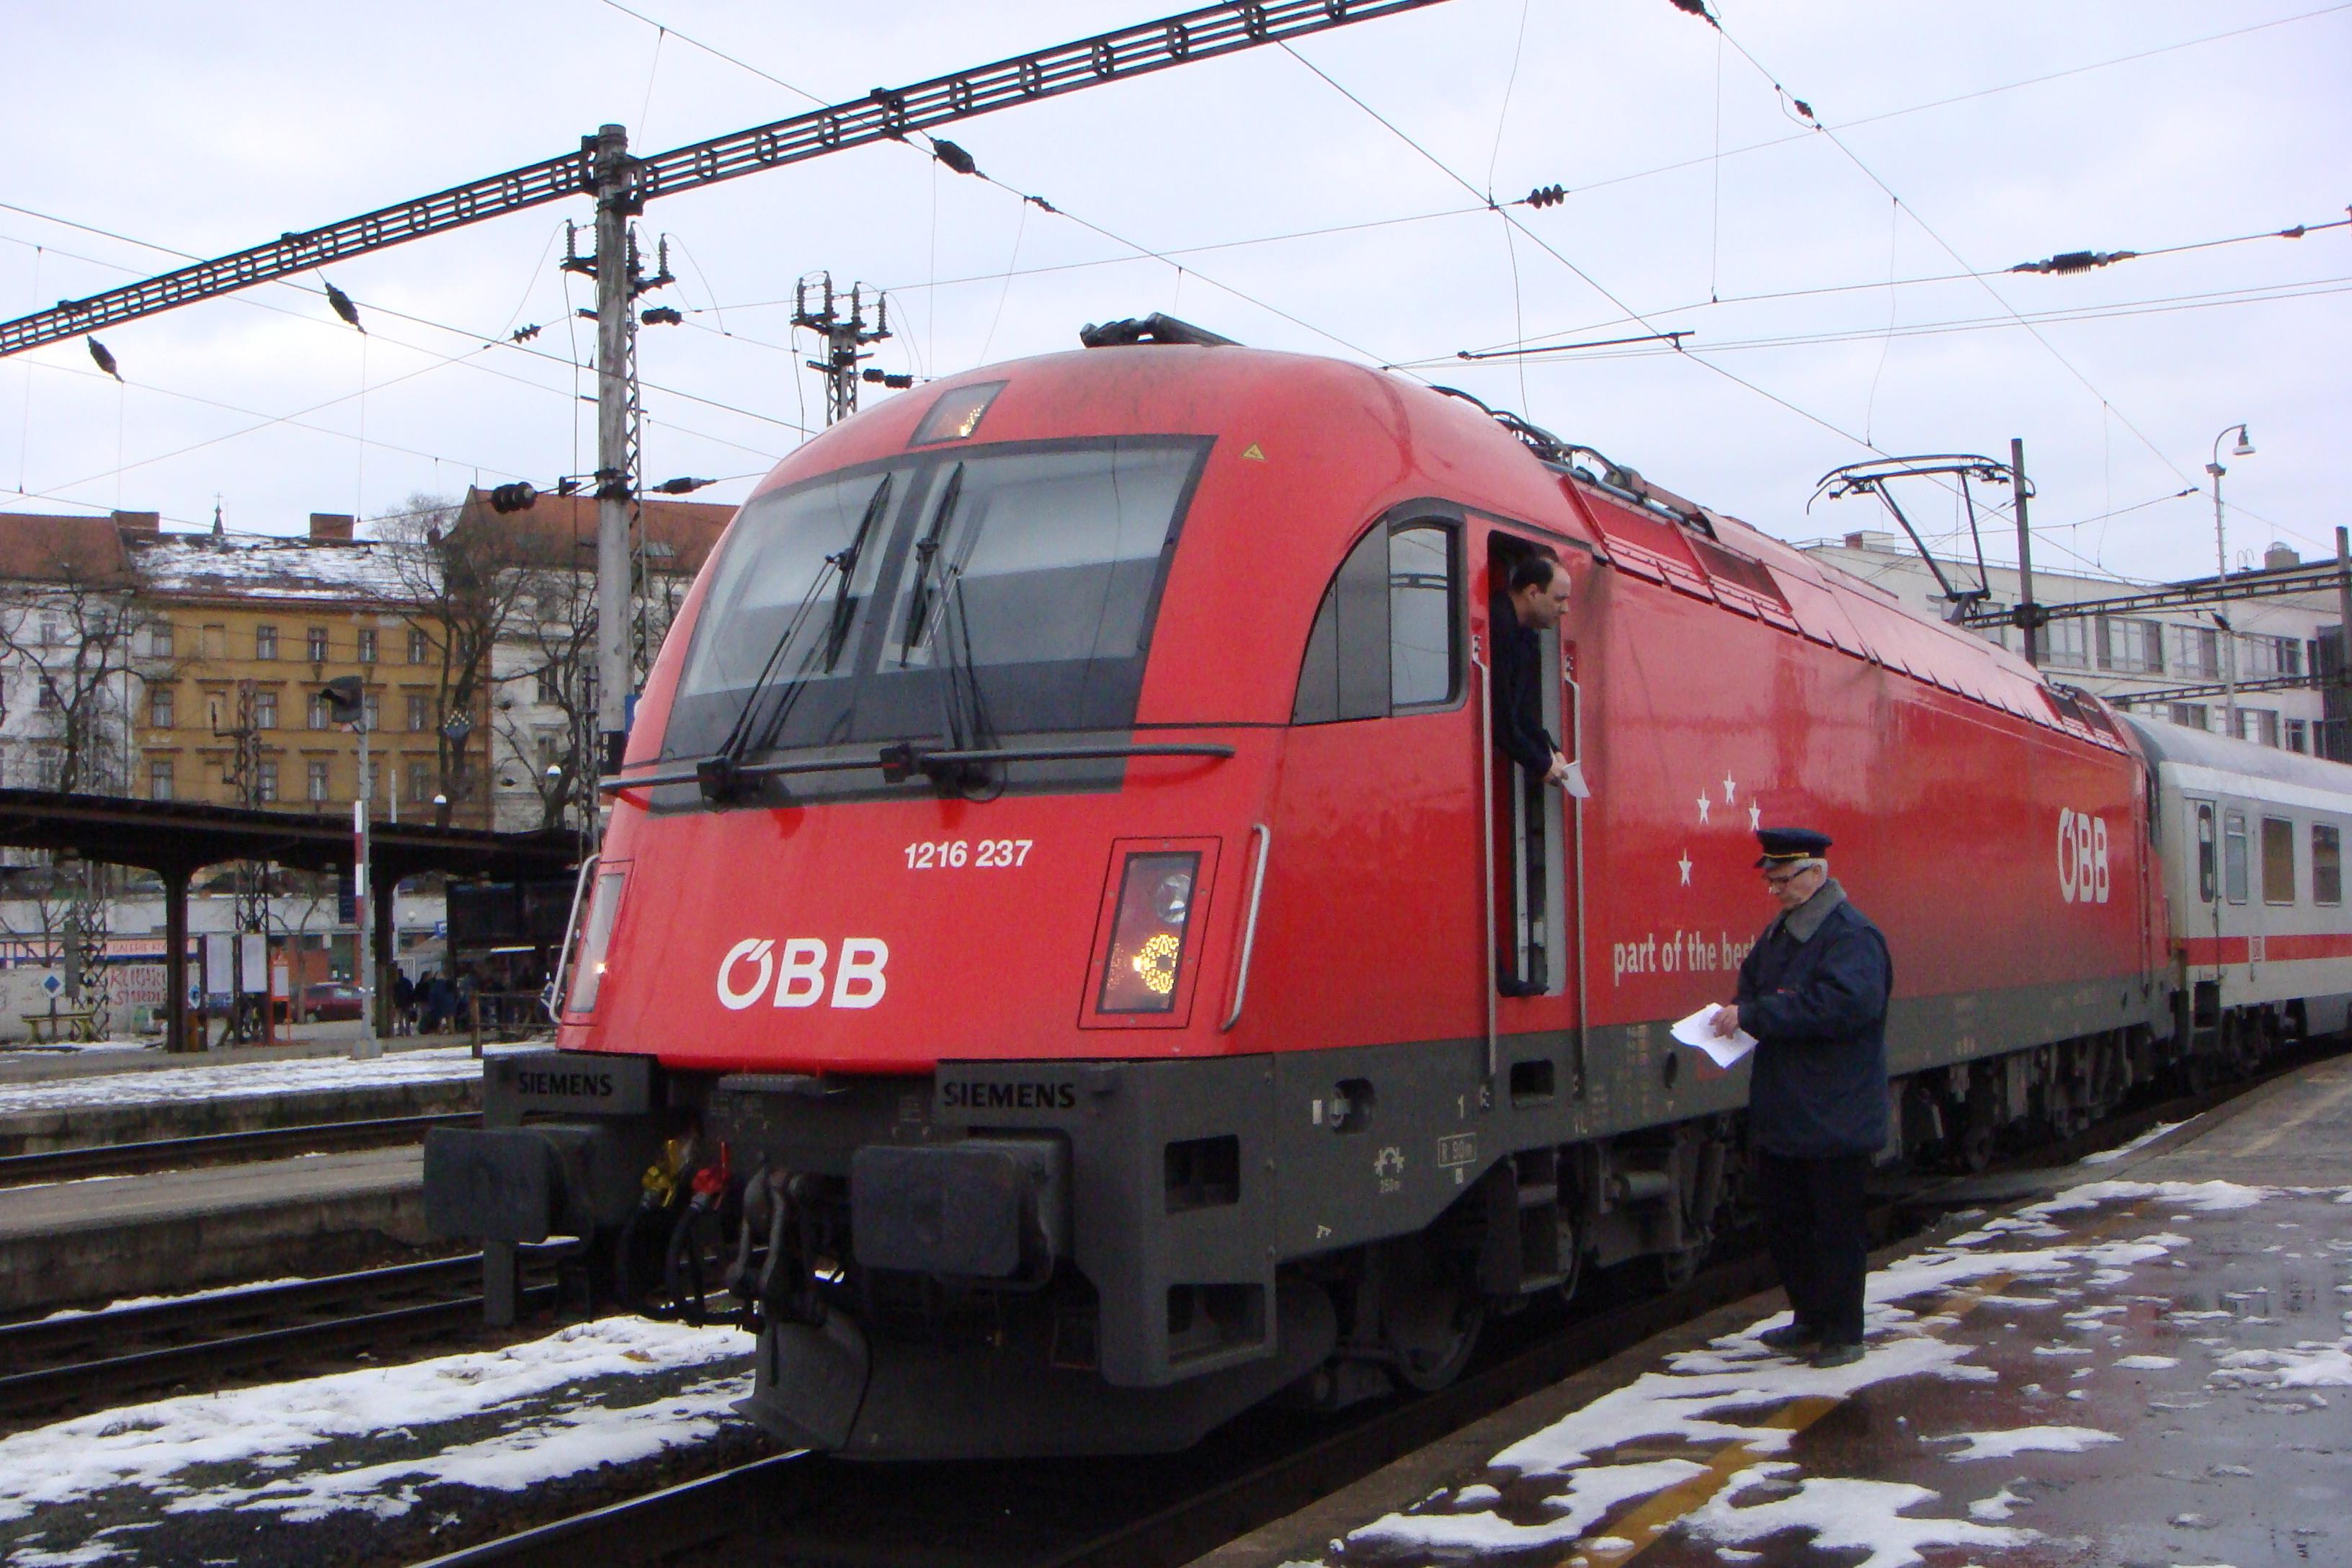 http://www.vlaky-vlaky.estranky.cz/img/original/55/1216-237-autor-jakub-pospisil-misto-brno-hl.n..jpg